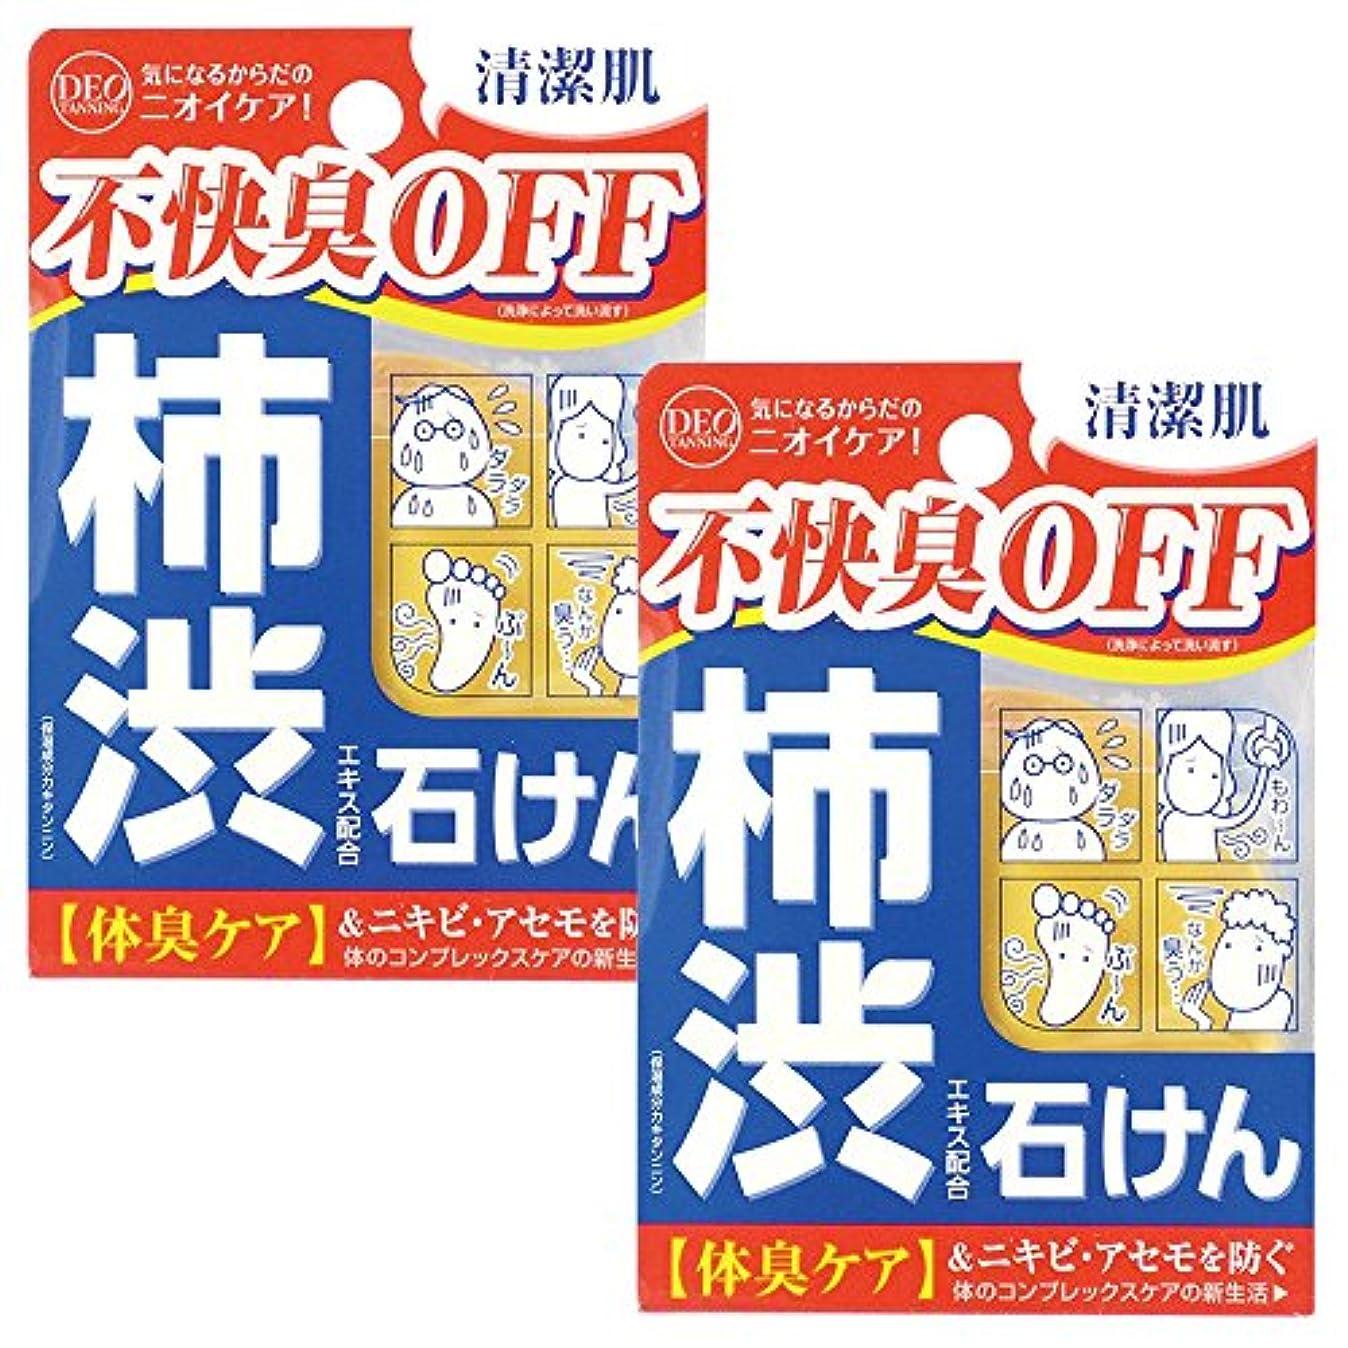 リル剪断スタウト【セット品】デオタンニング ソープ 100g ×2個